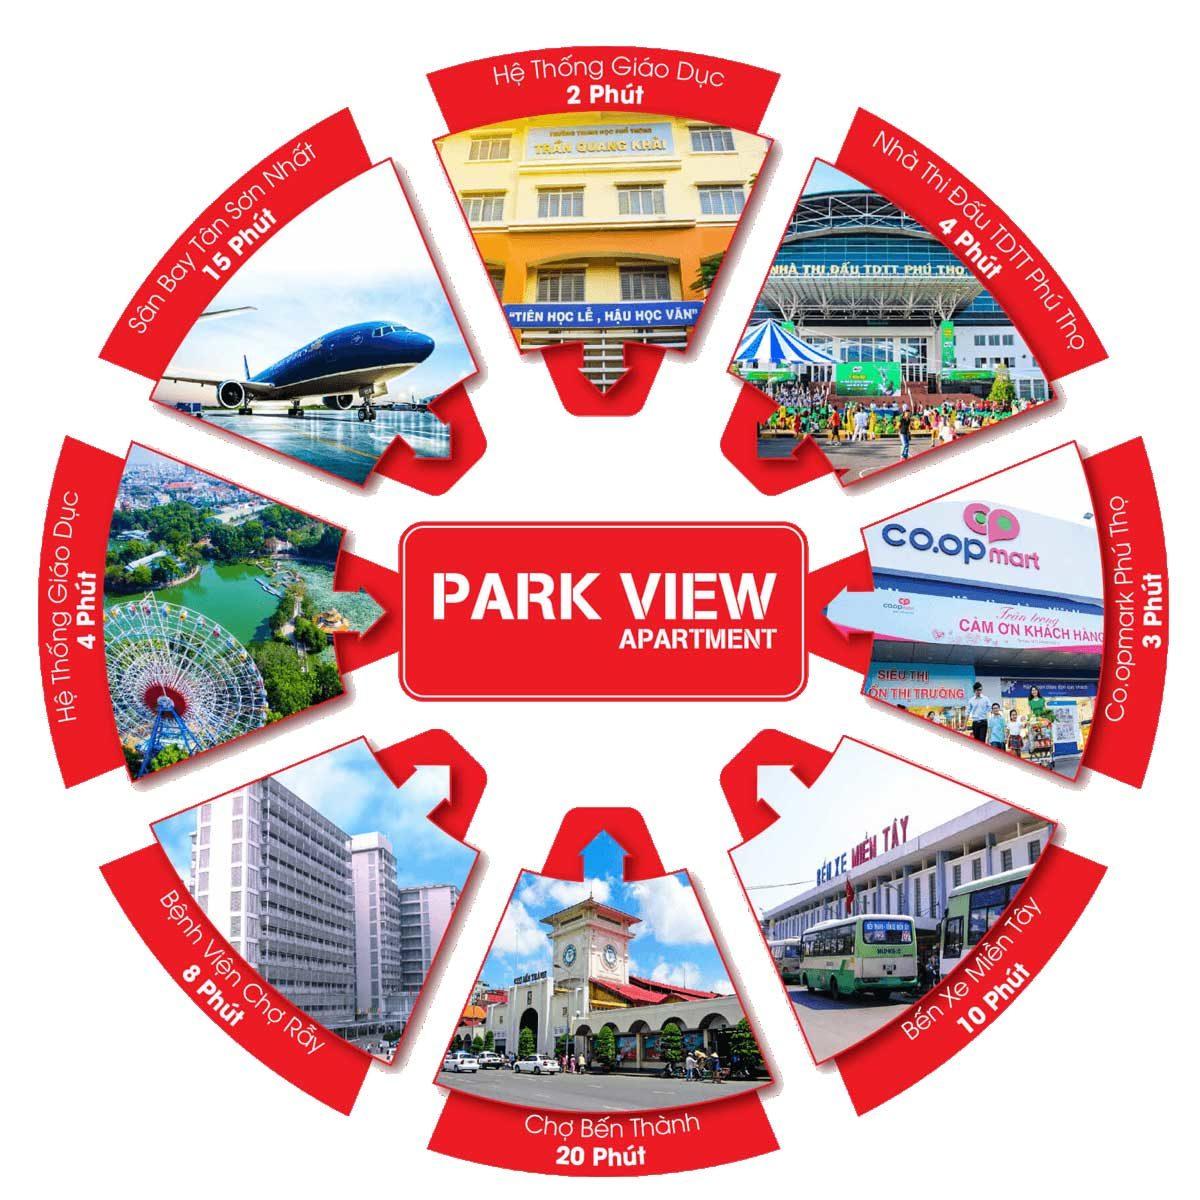 Tiện ích Dự án Căn hộ Chung cư Park View Apartment Quận 11